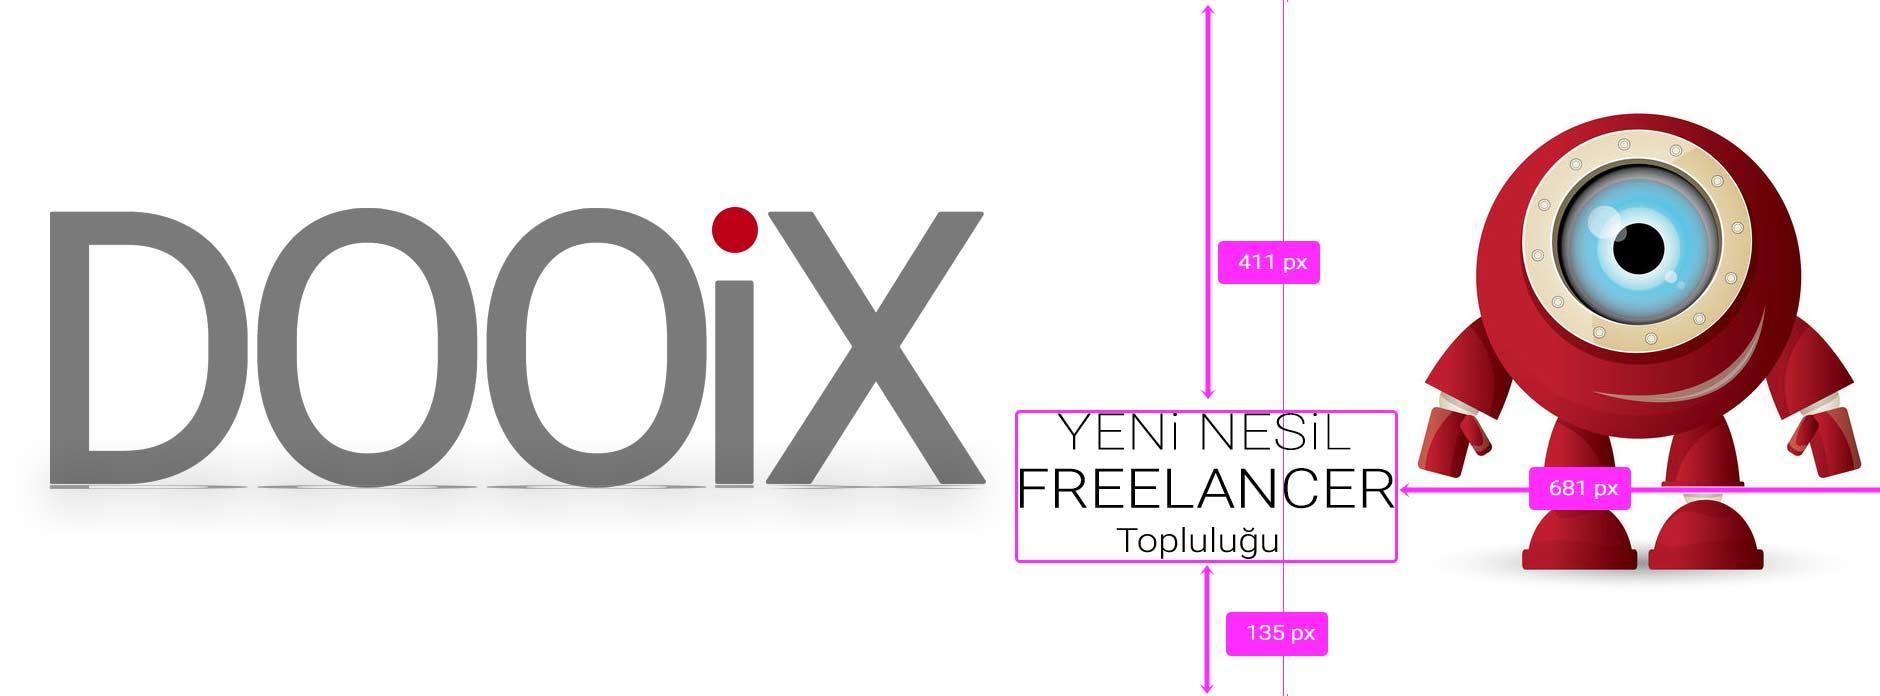 DOOiX Yeni nesil freelancer portalı